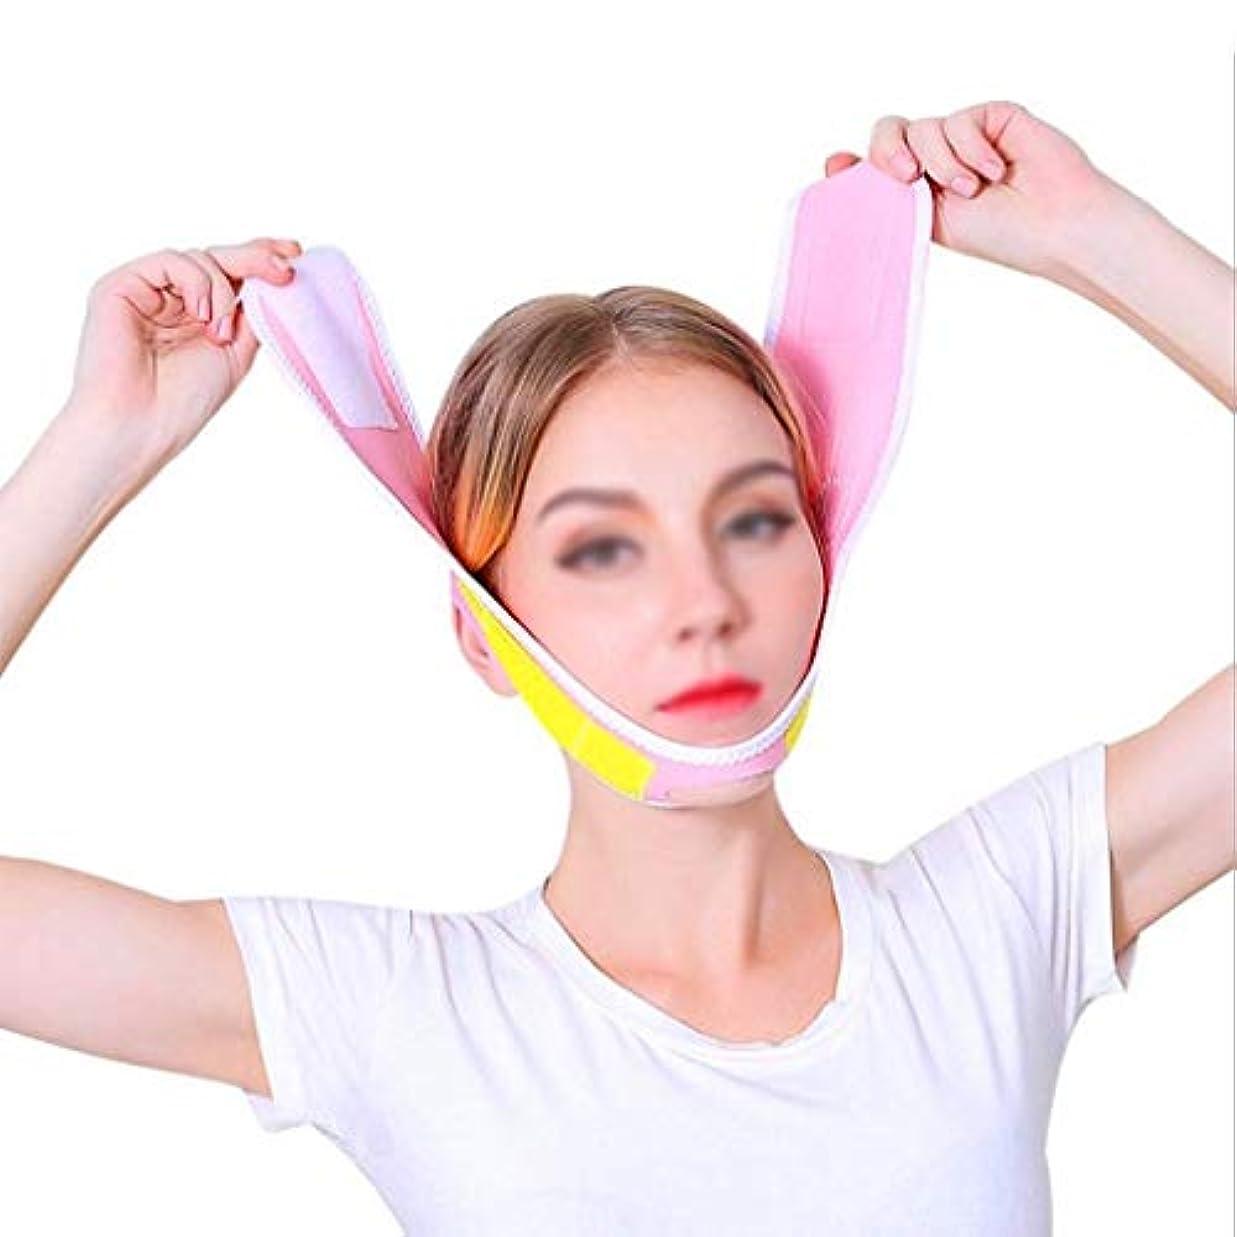 擬人おびえた賢いシェイプドフェイスマスク、フェイシャルリフティング&シェイプしてハリを高め、フェイシャル減量アンチシワトリートメント、フェイスリフティング、ファーミングスキン(ピンク、ワンサイズ)